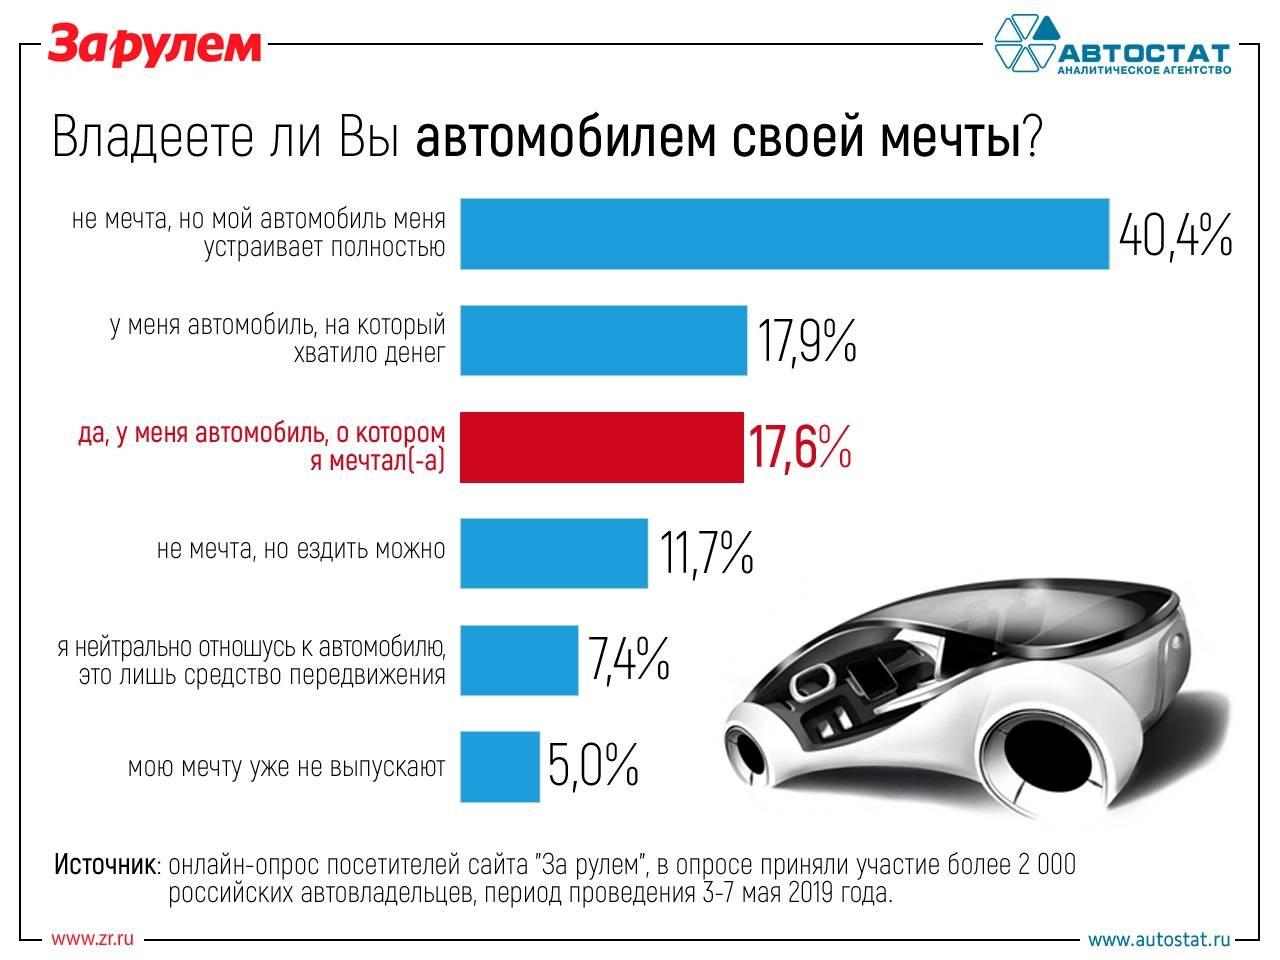 Готовы ли россияне отказаться от личных автомобилей